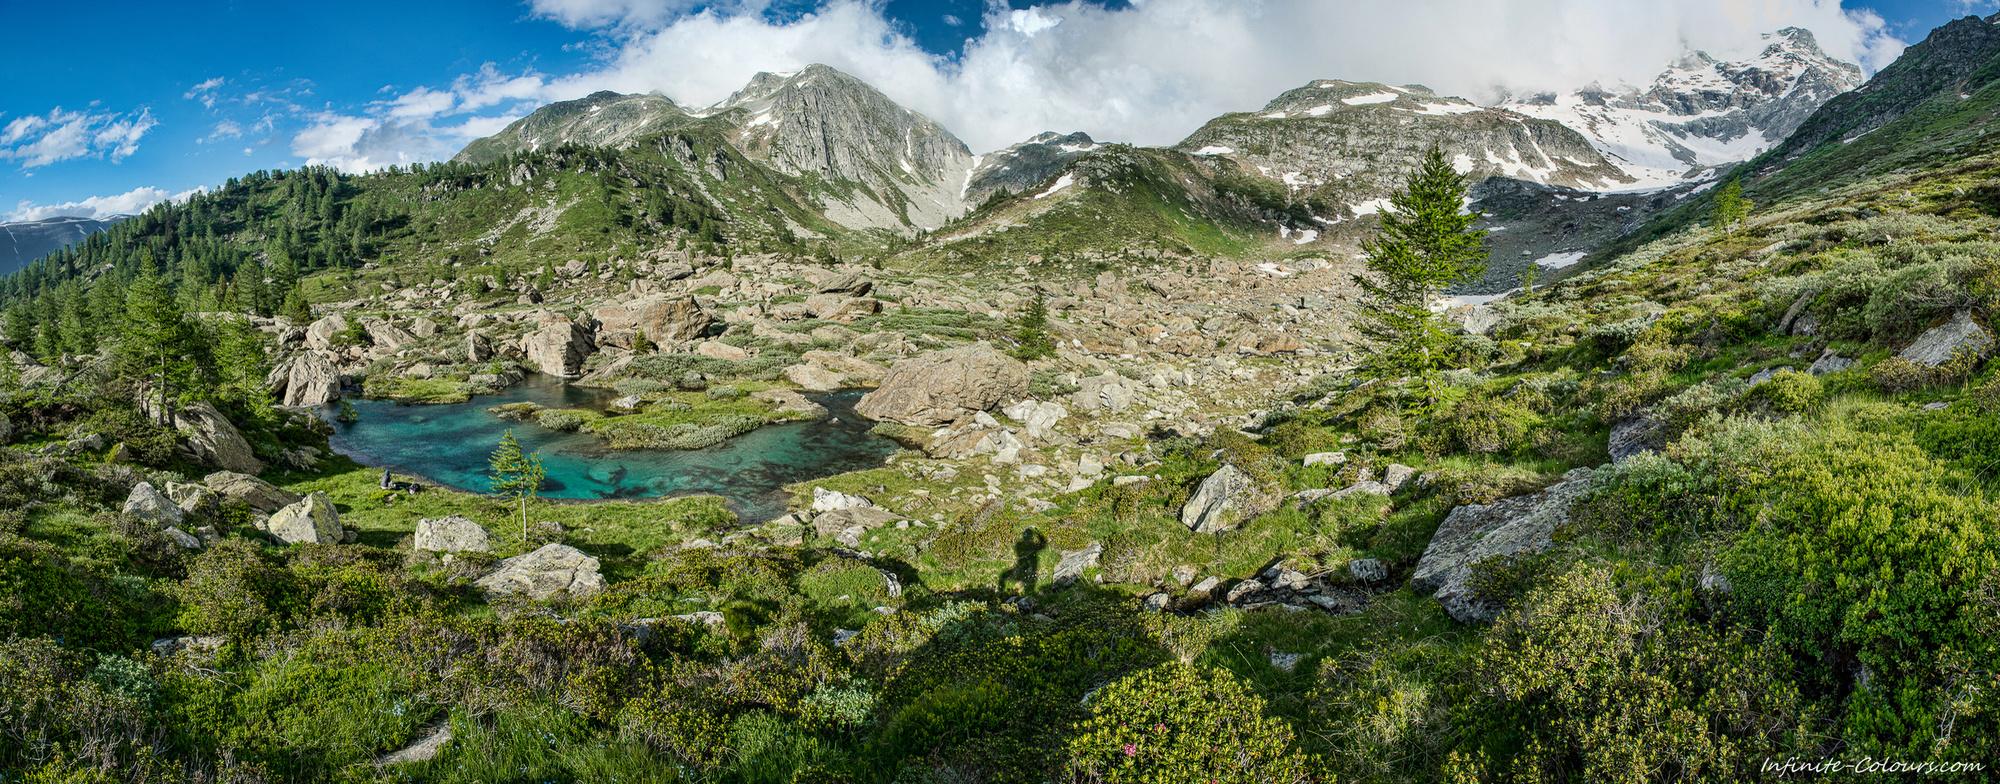 Binntal Mässerbach Schweiz Mässerbach panorama selfie photography